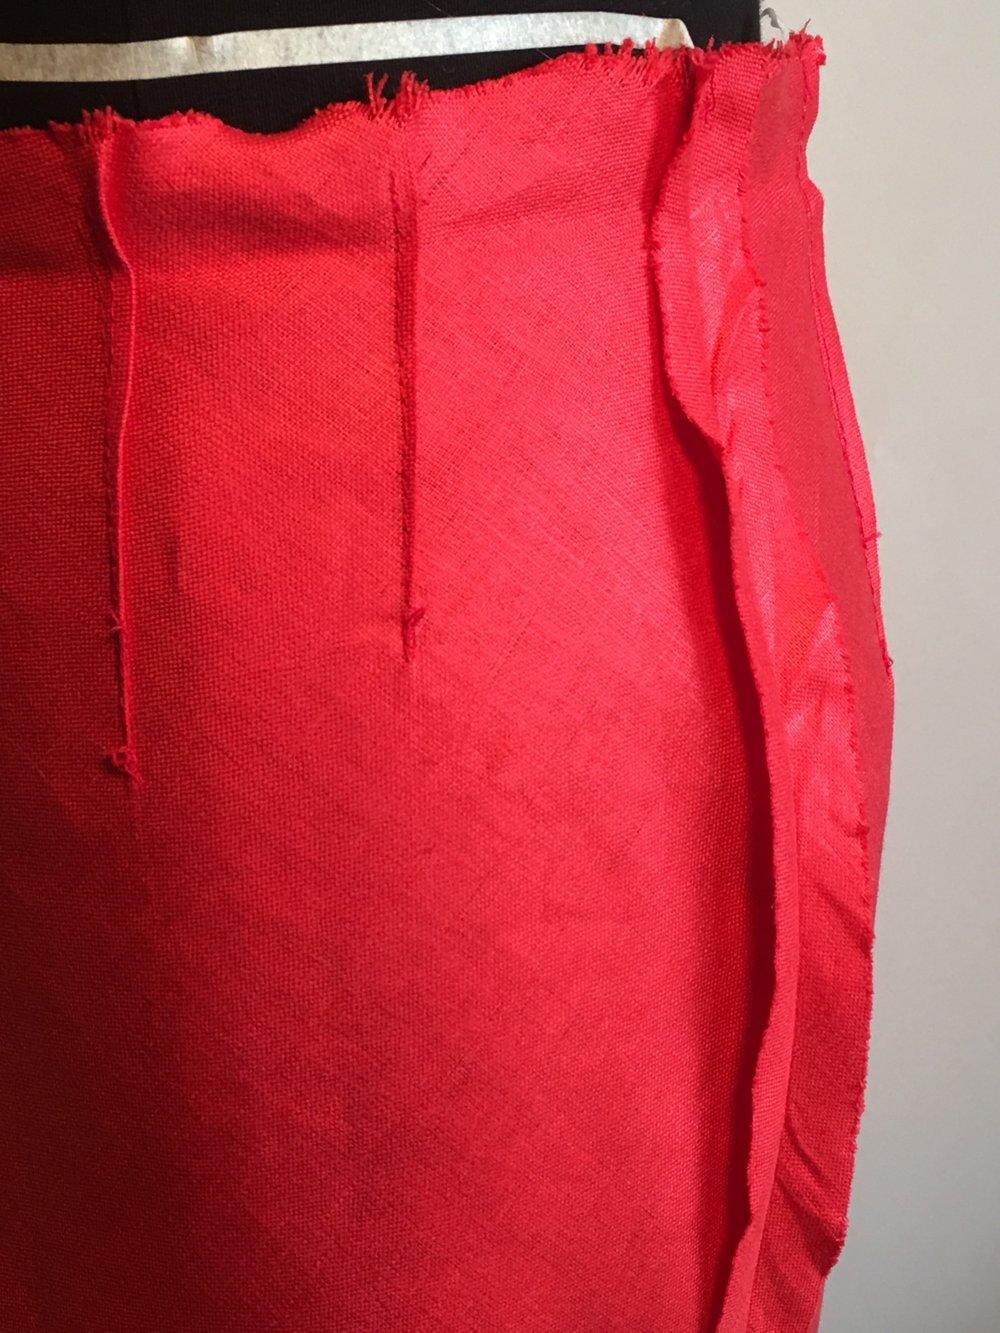 Red Skirt 6.jpg